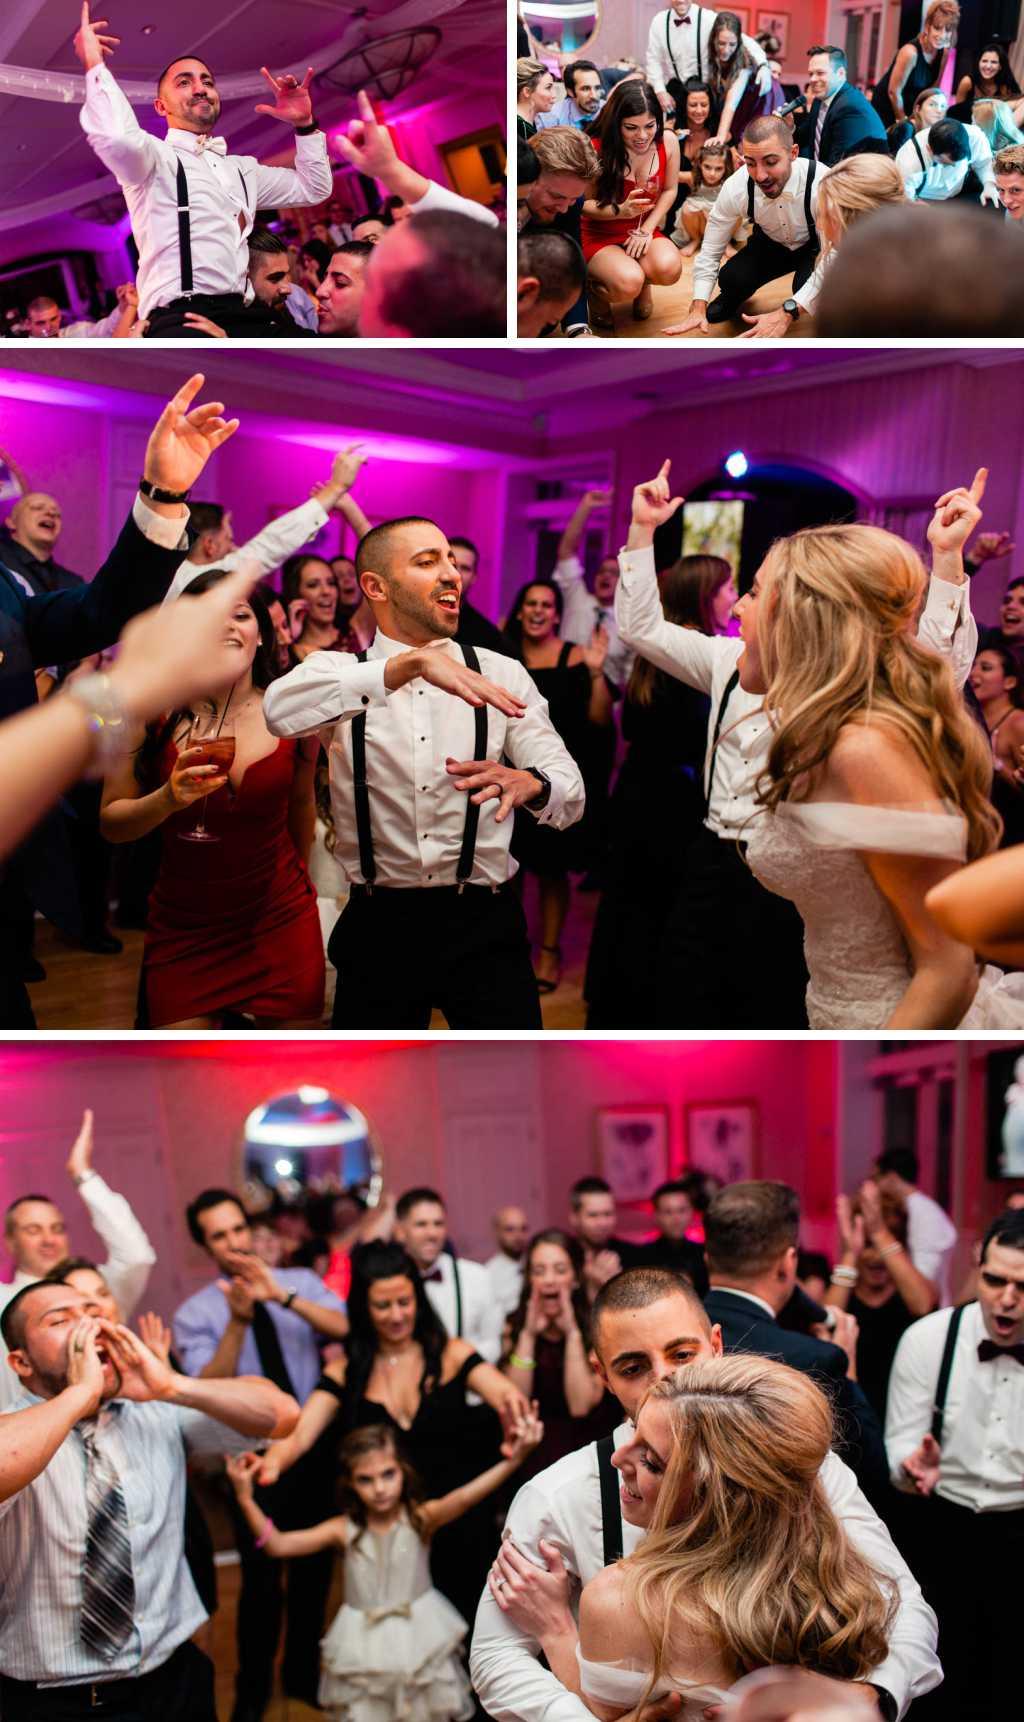 fun wedding reception photos by Casey Fatchett - https://fatchett.com